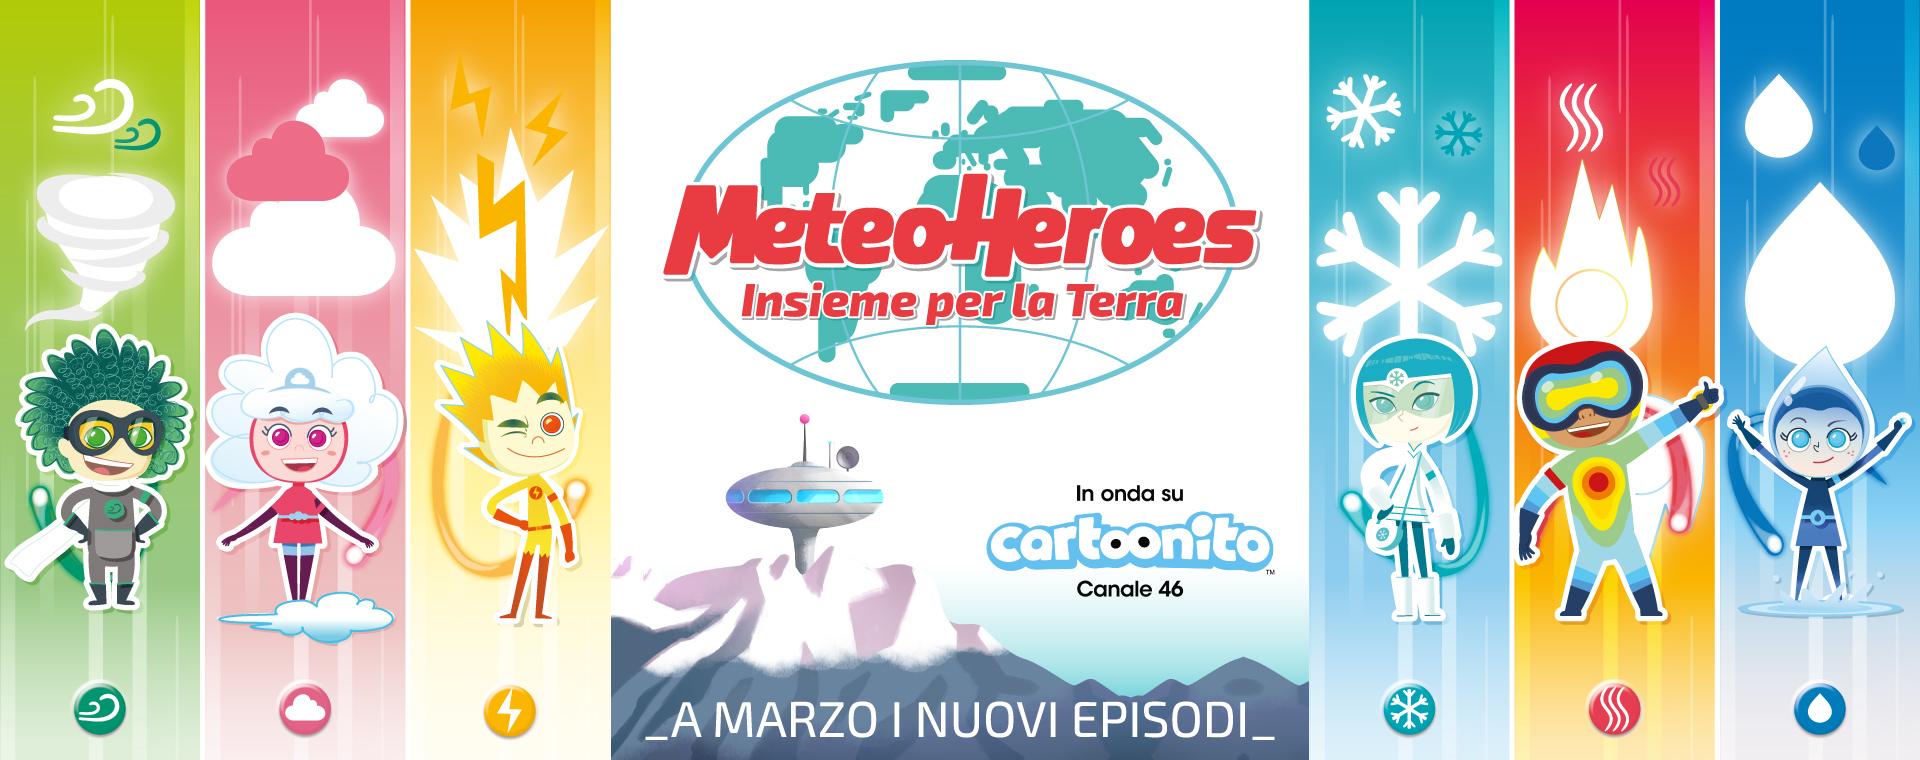 MeteoHeroes-slider-homepage-4-ok